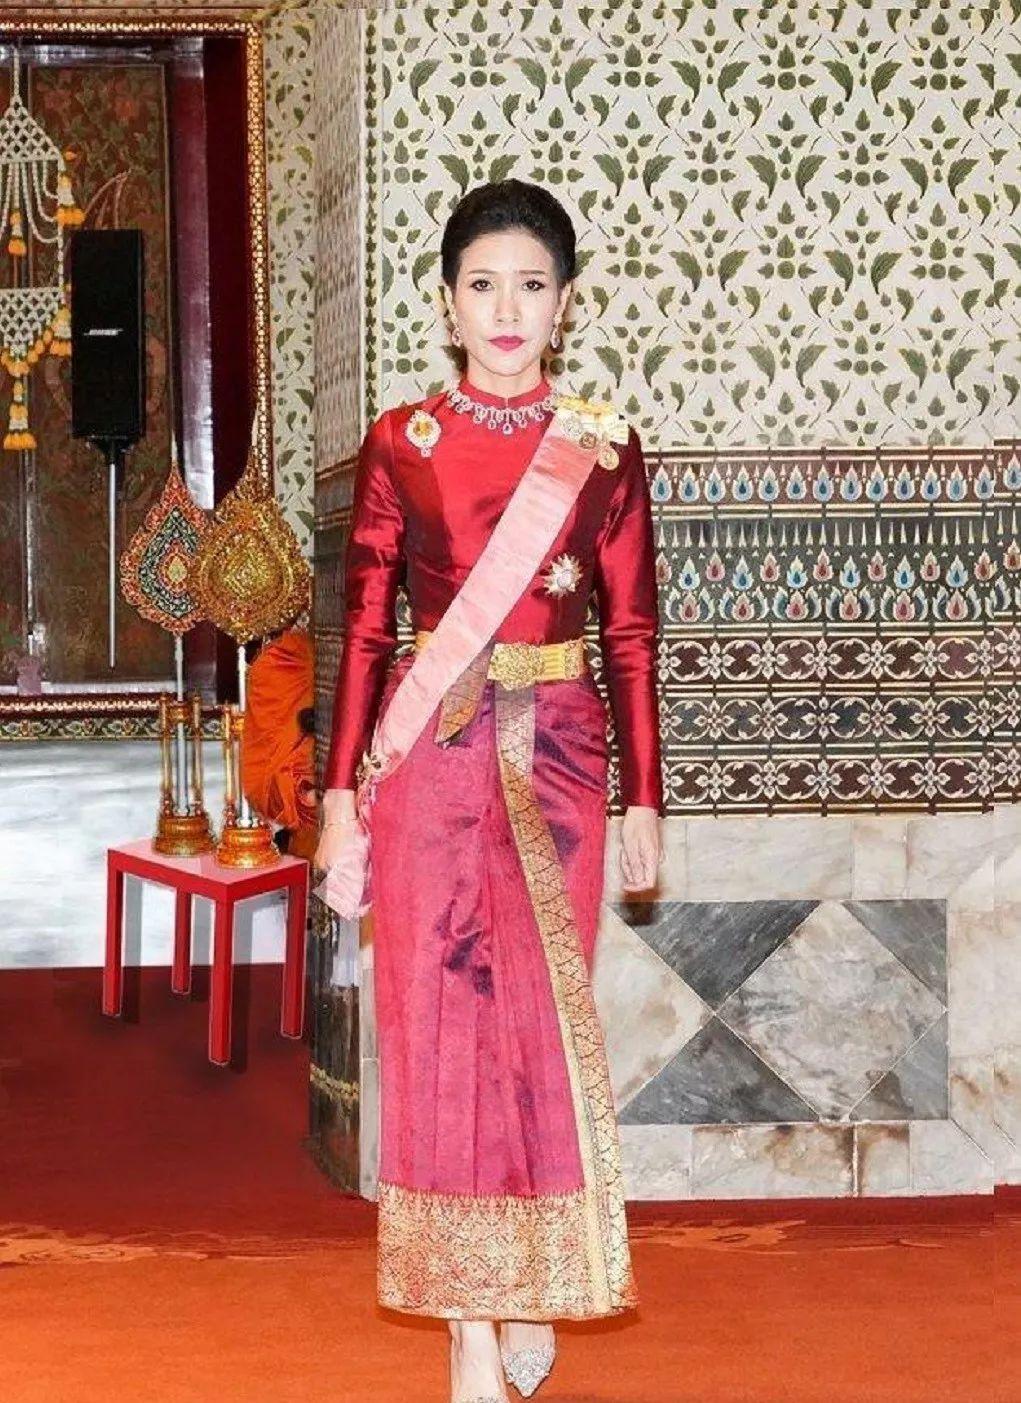 泰王妃子上位100天就被废 泰国王室上演宫斗大戏